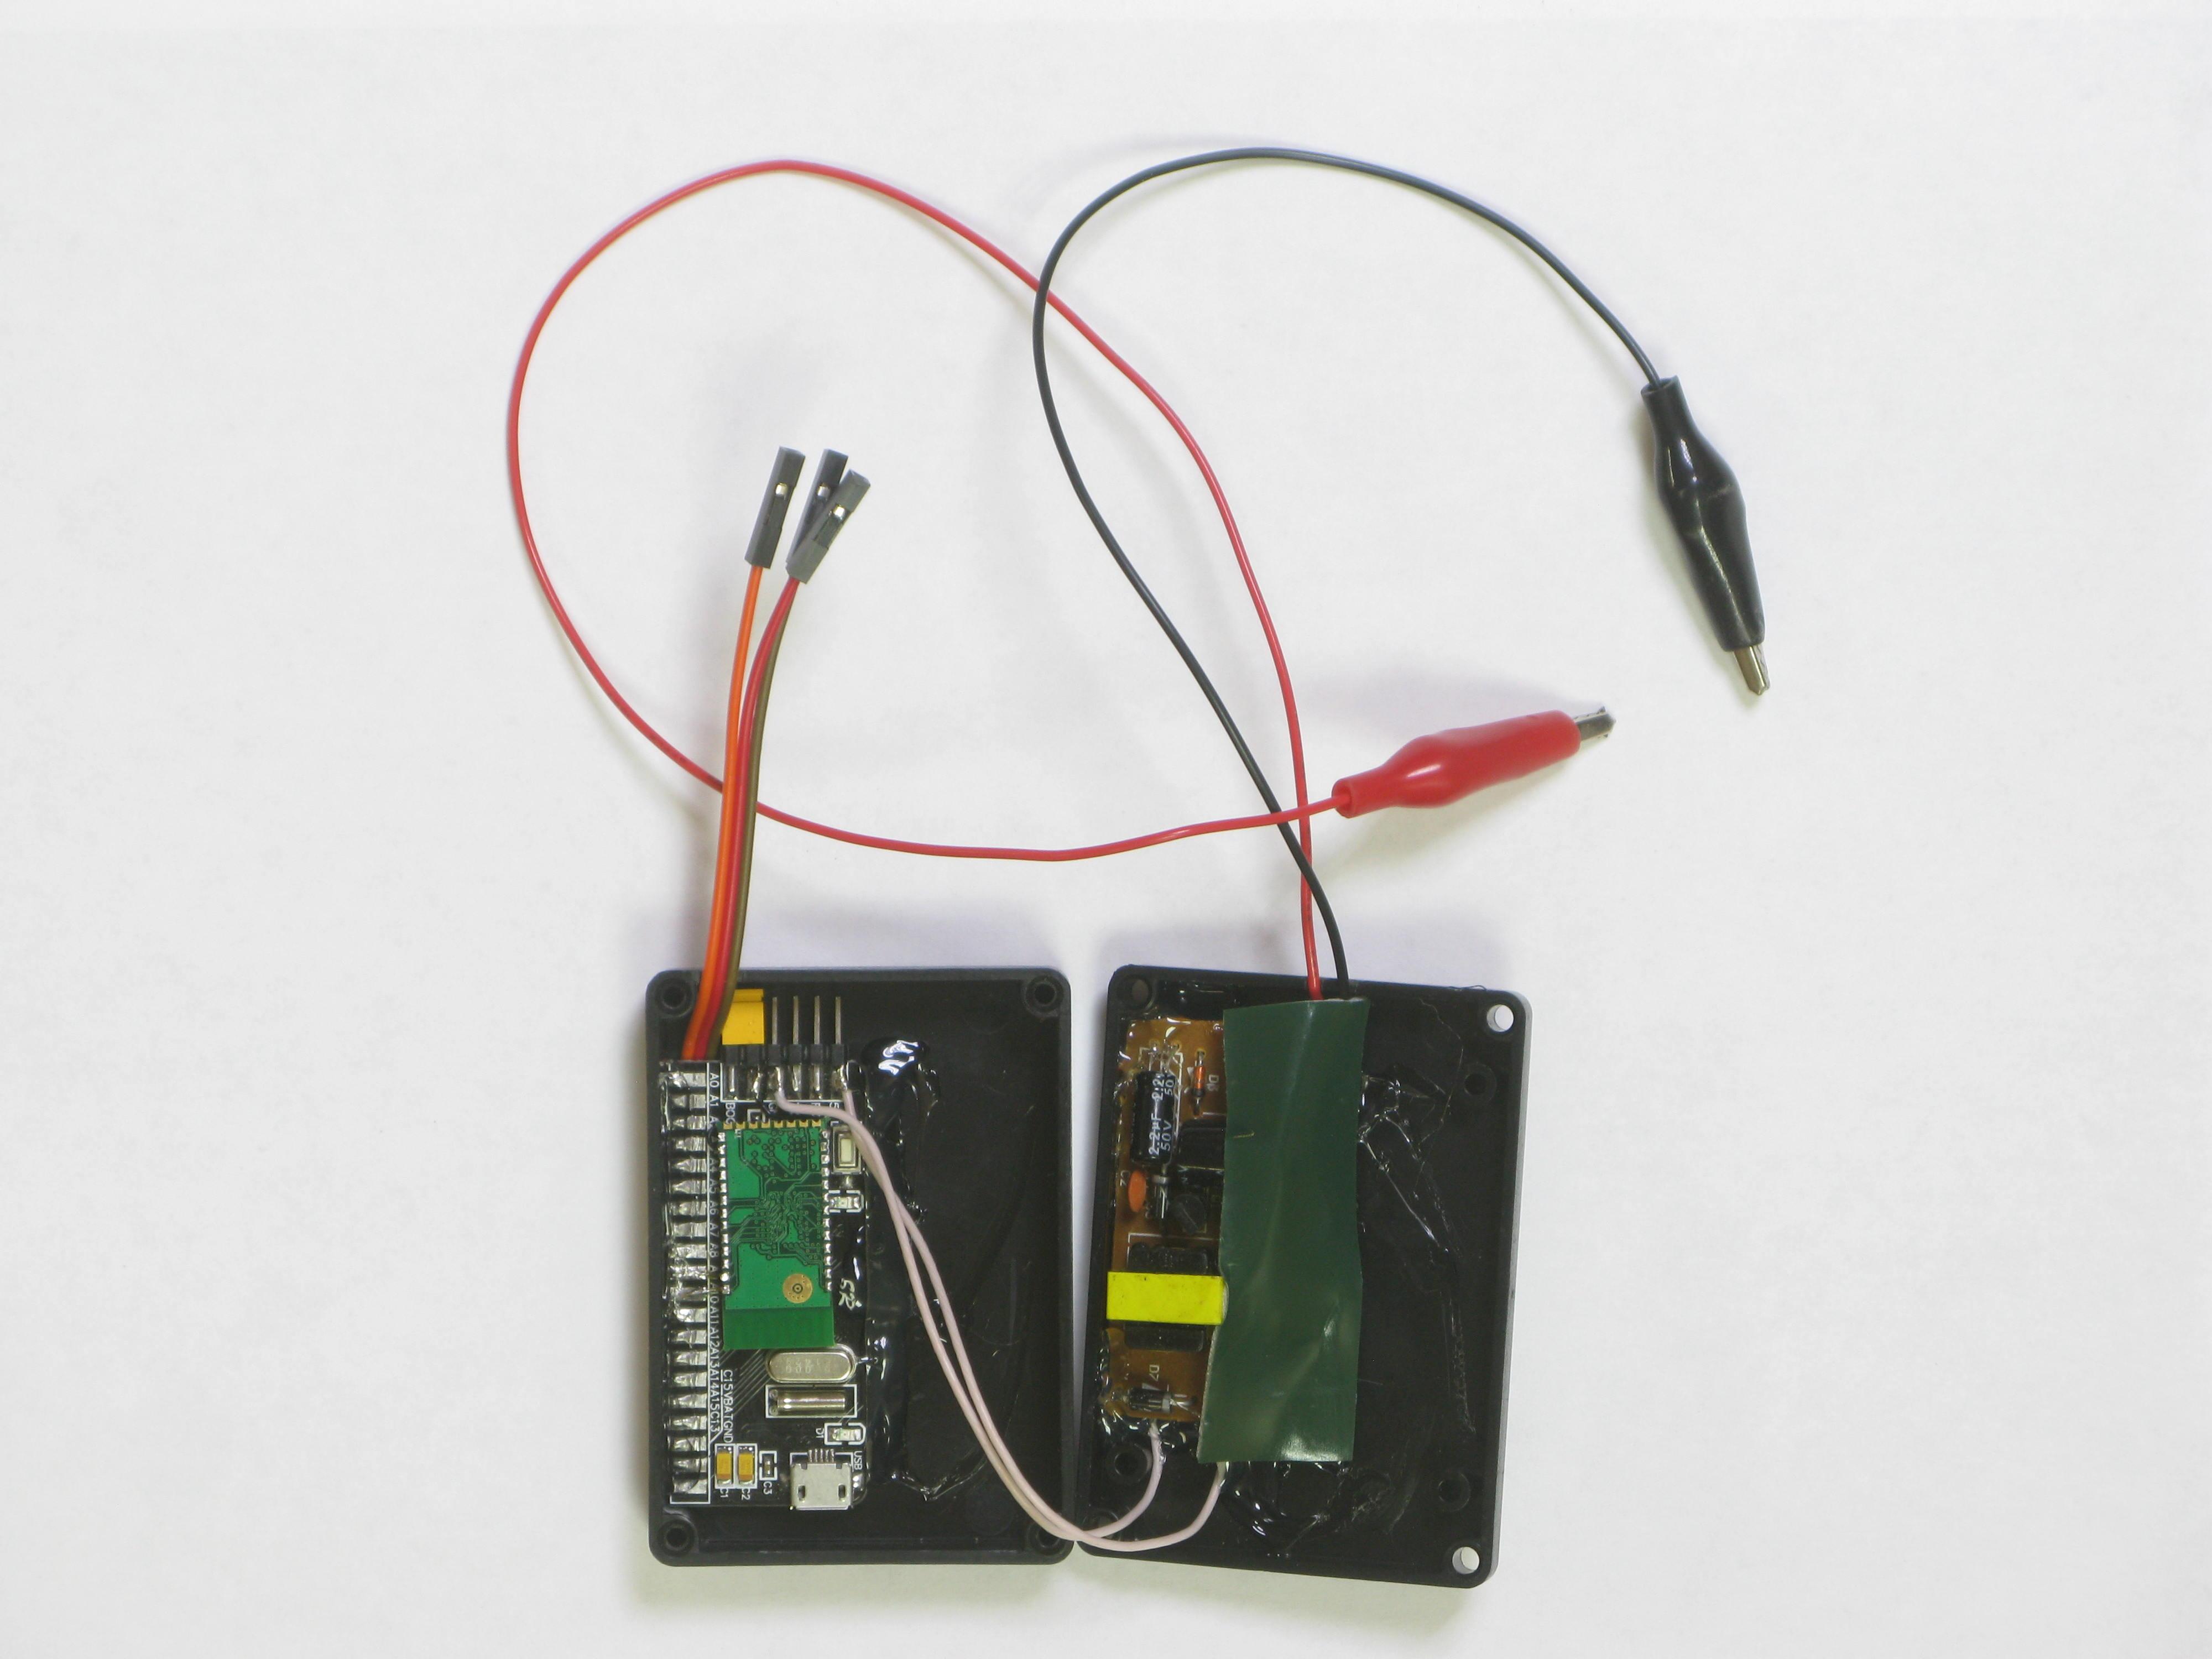 продаются SmartBMS. модифицированные. настройки под заказ. 20-90A, 4-13S